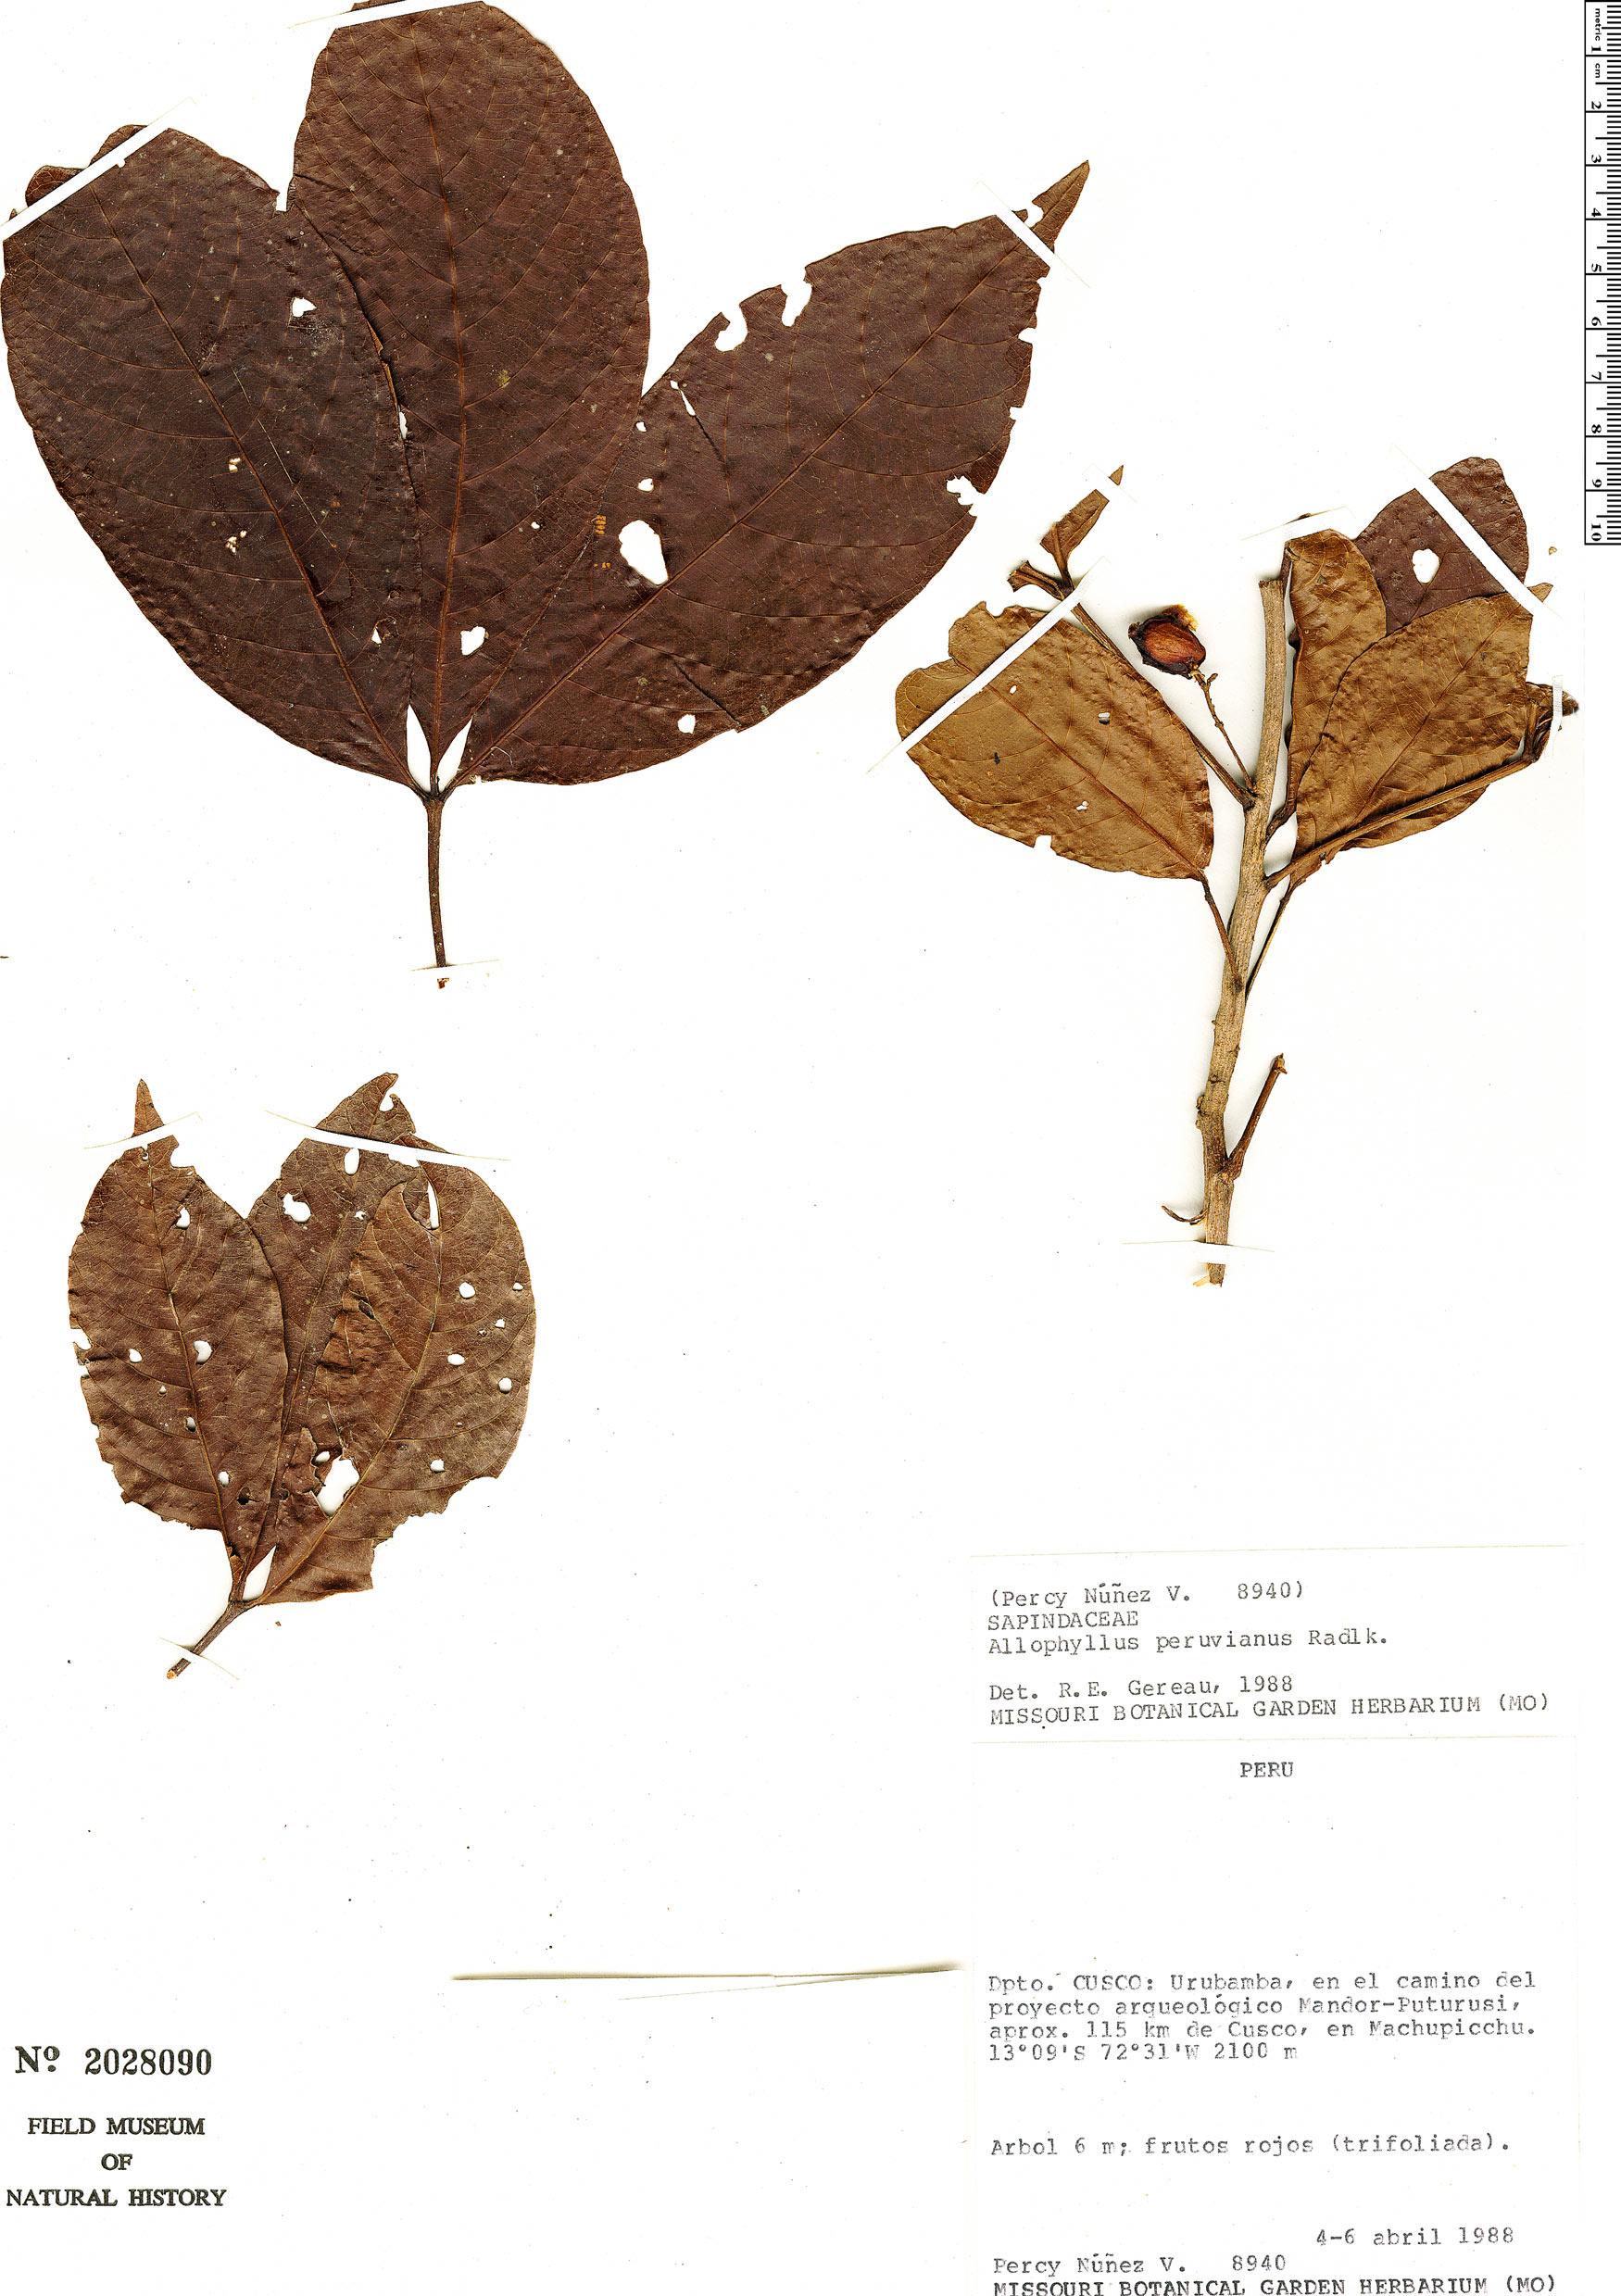 Specimen: Allophylus peruvianus